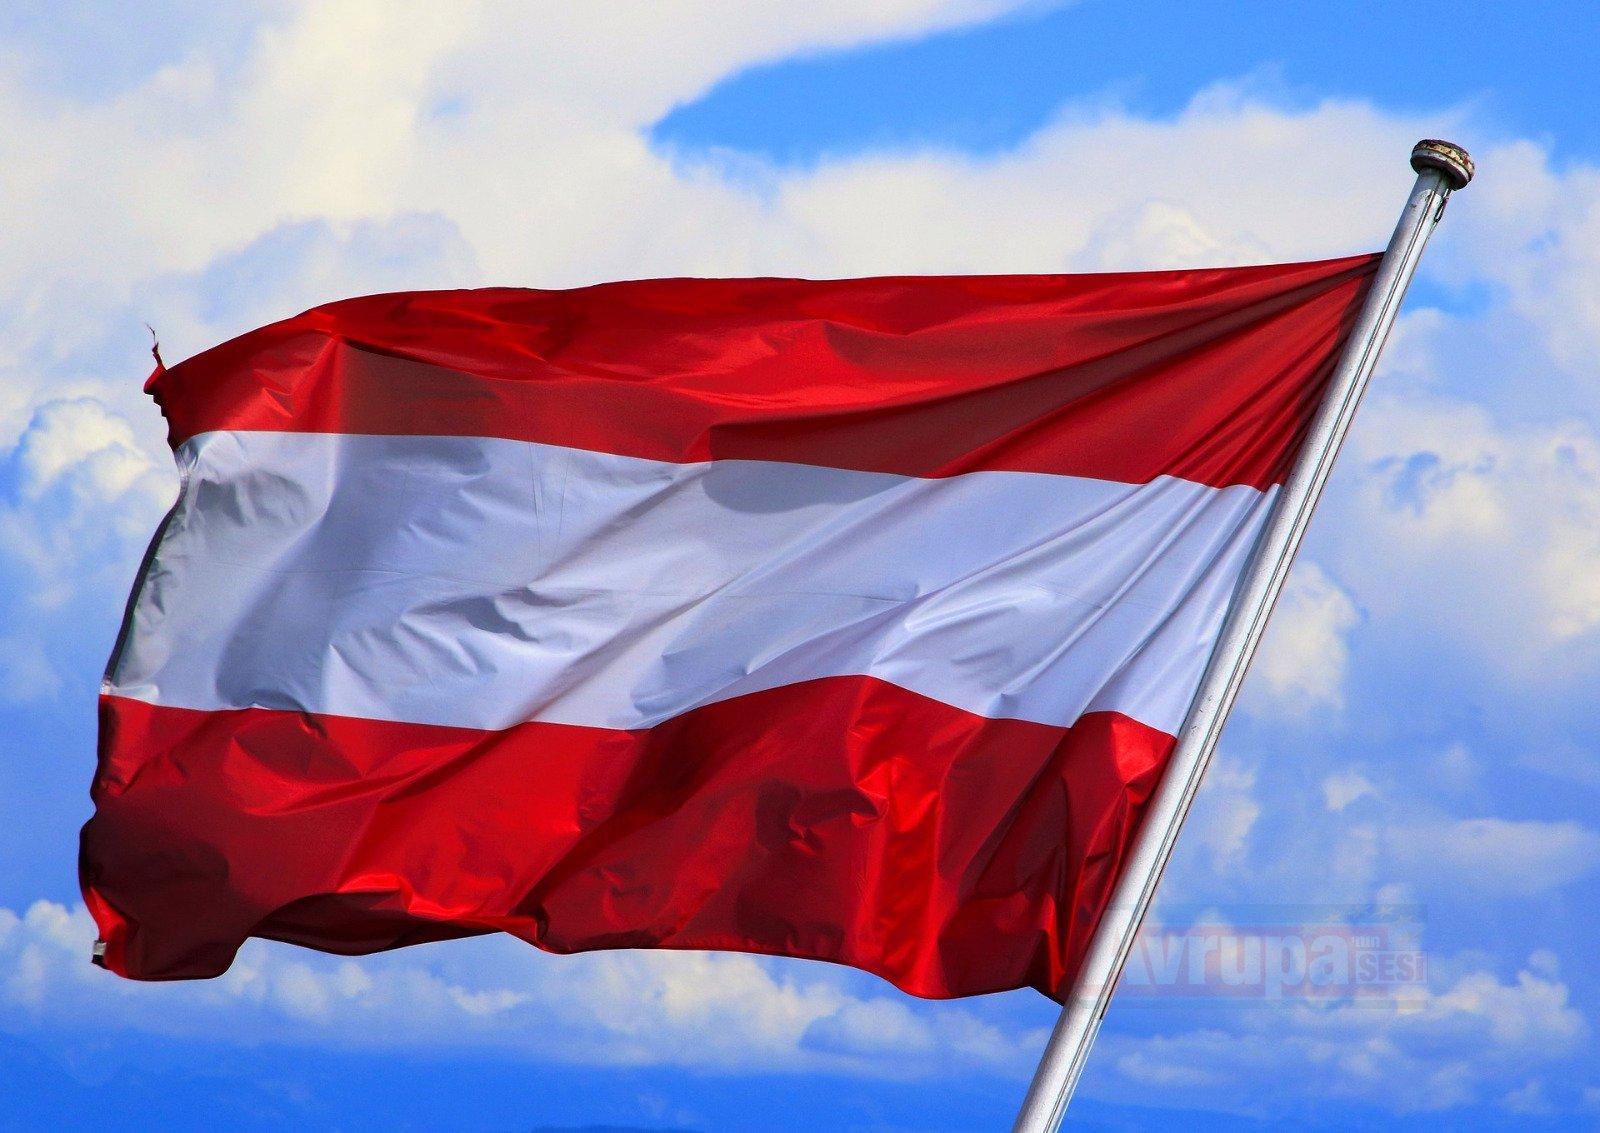 Avusturya'da Neonazi oluşumlara yönelik büyük operasyon